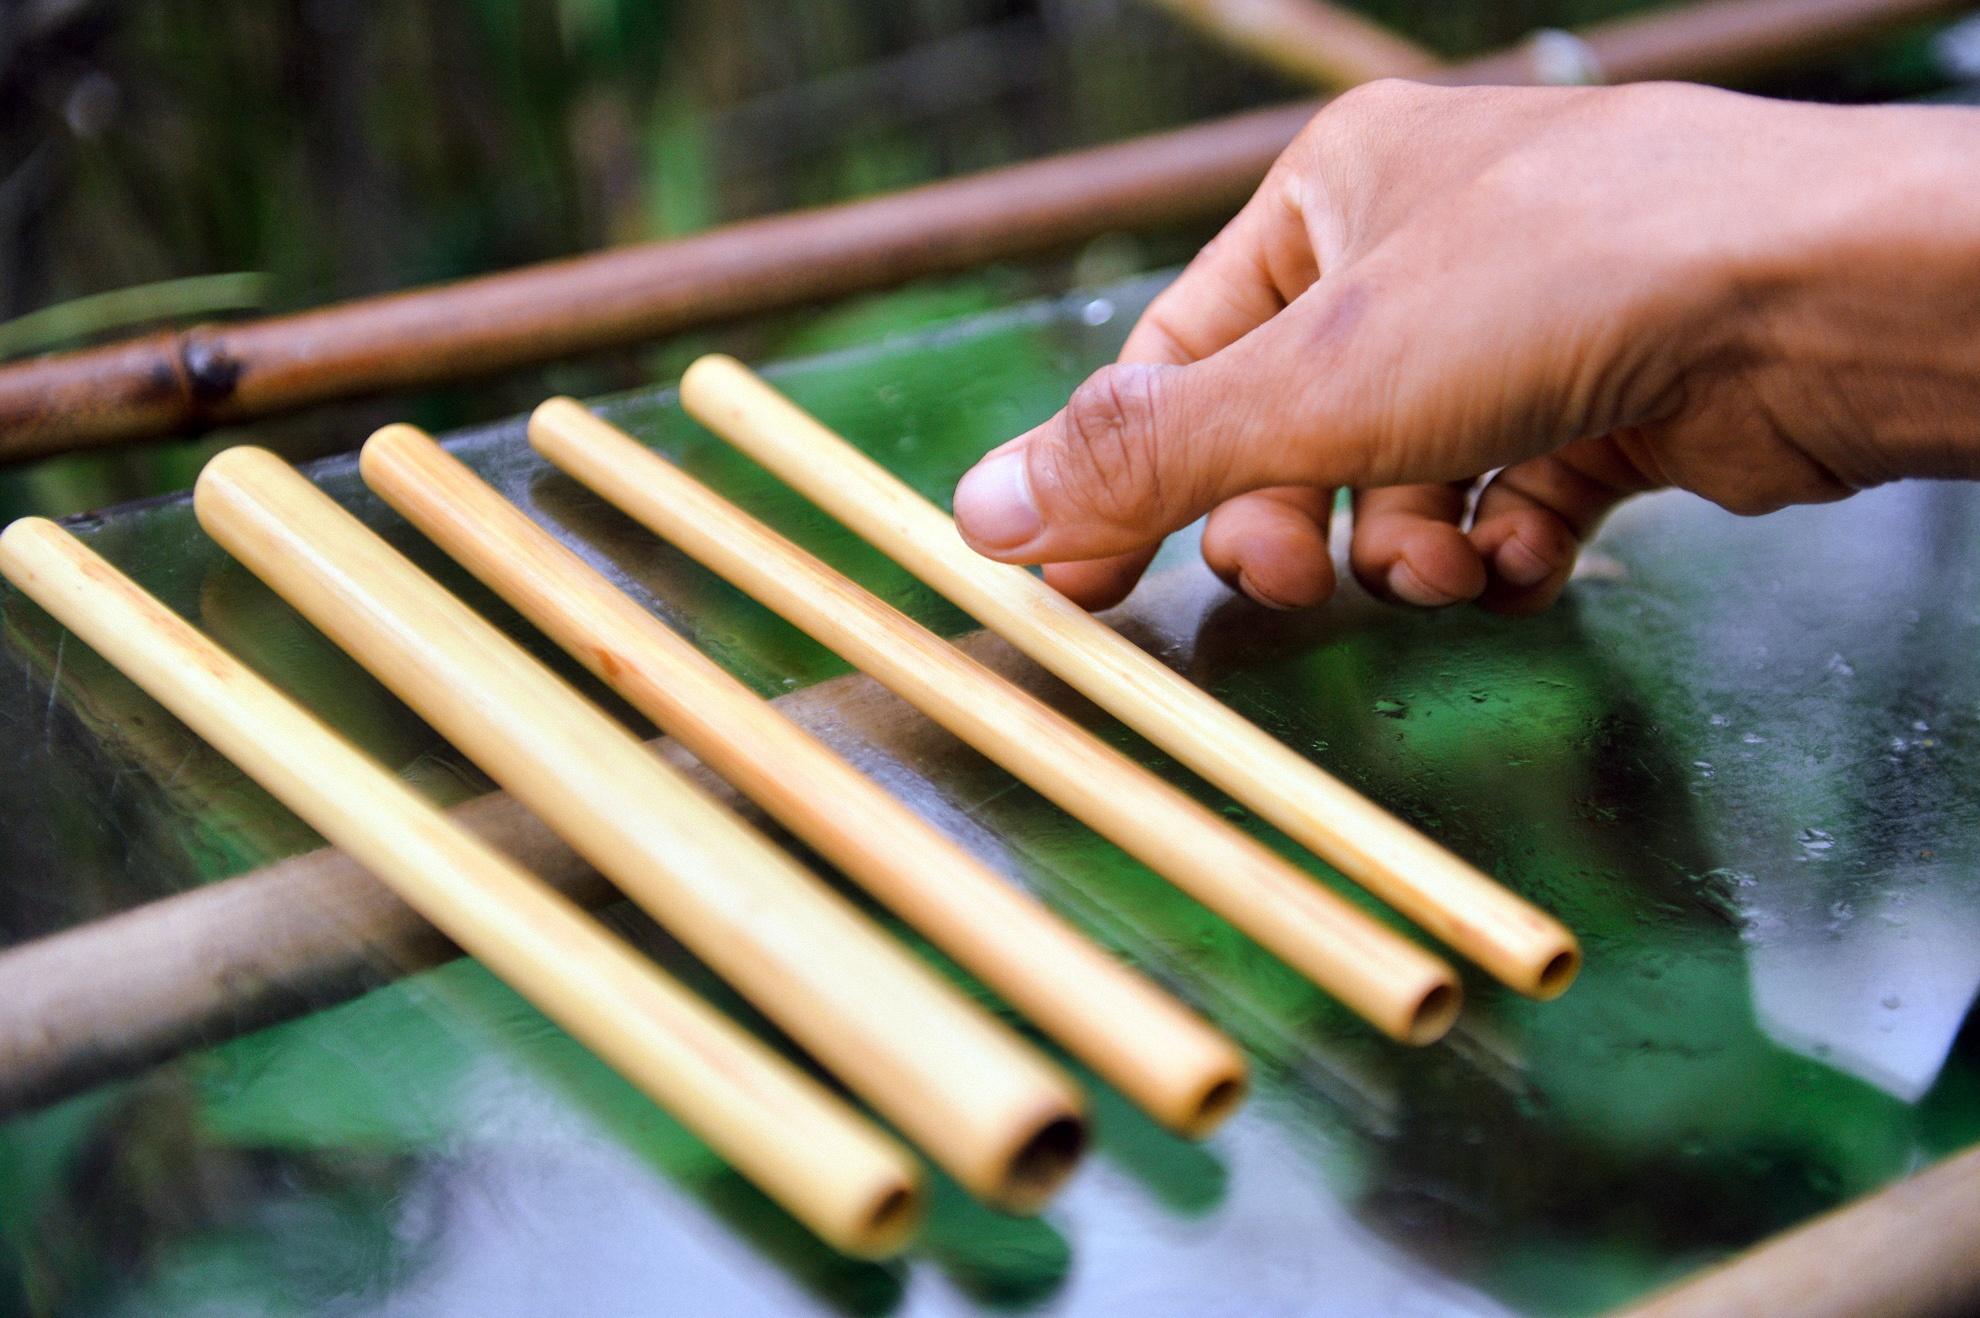 Chang nong dan 'khung' va giac mo ong hut tre hinh anh 19